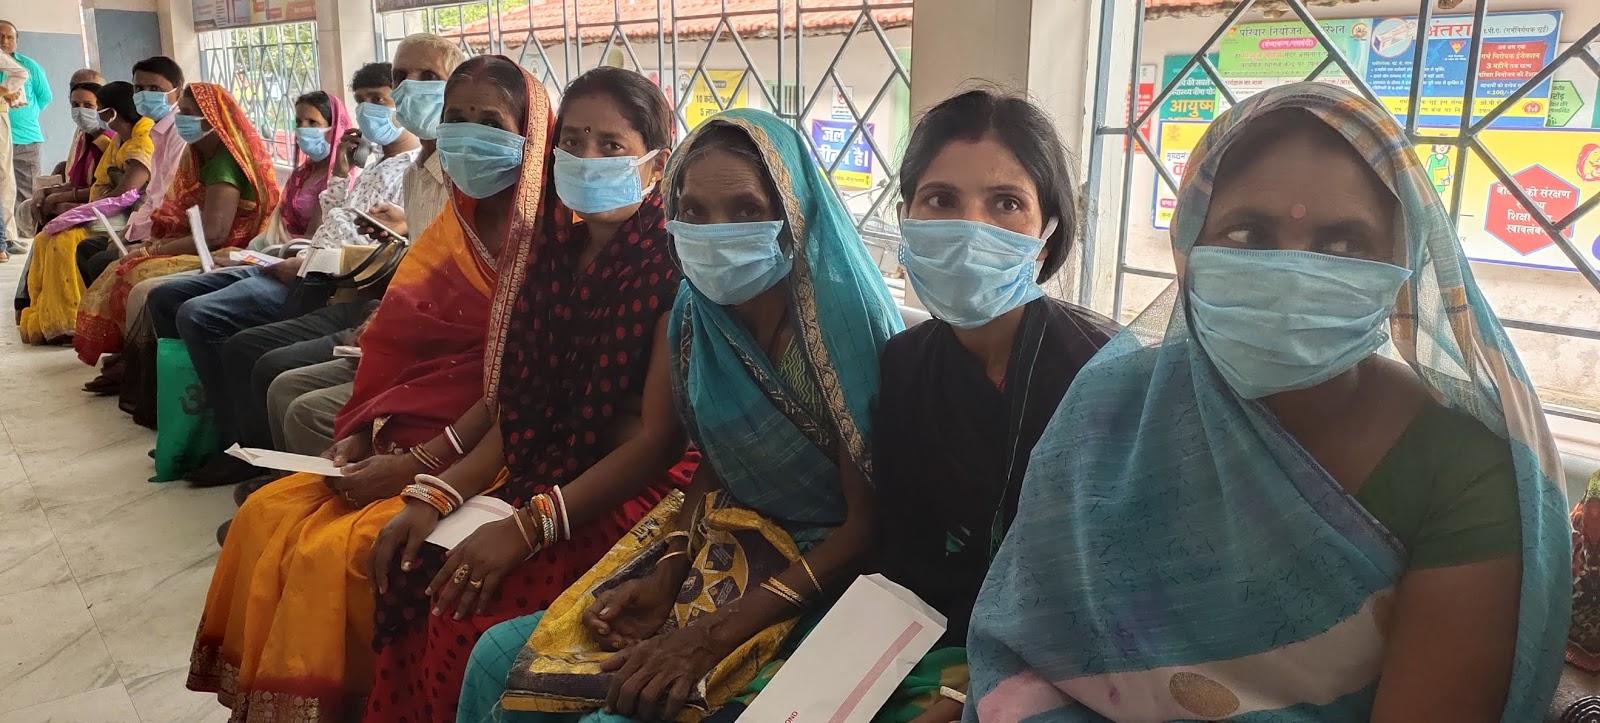 कोरोना वायरस को लेकर जागरूकता के लिए बांटे मास्क और साबुन, भाजपा नेता- जयराम दास